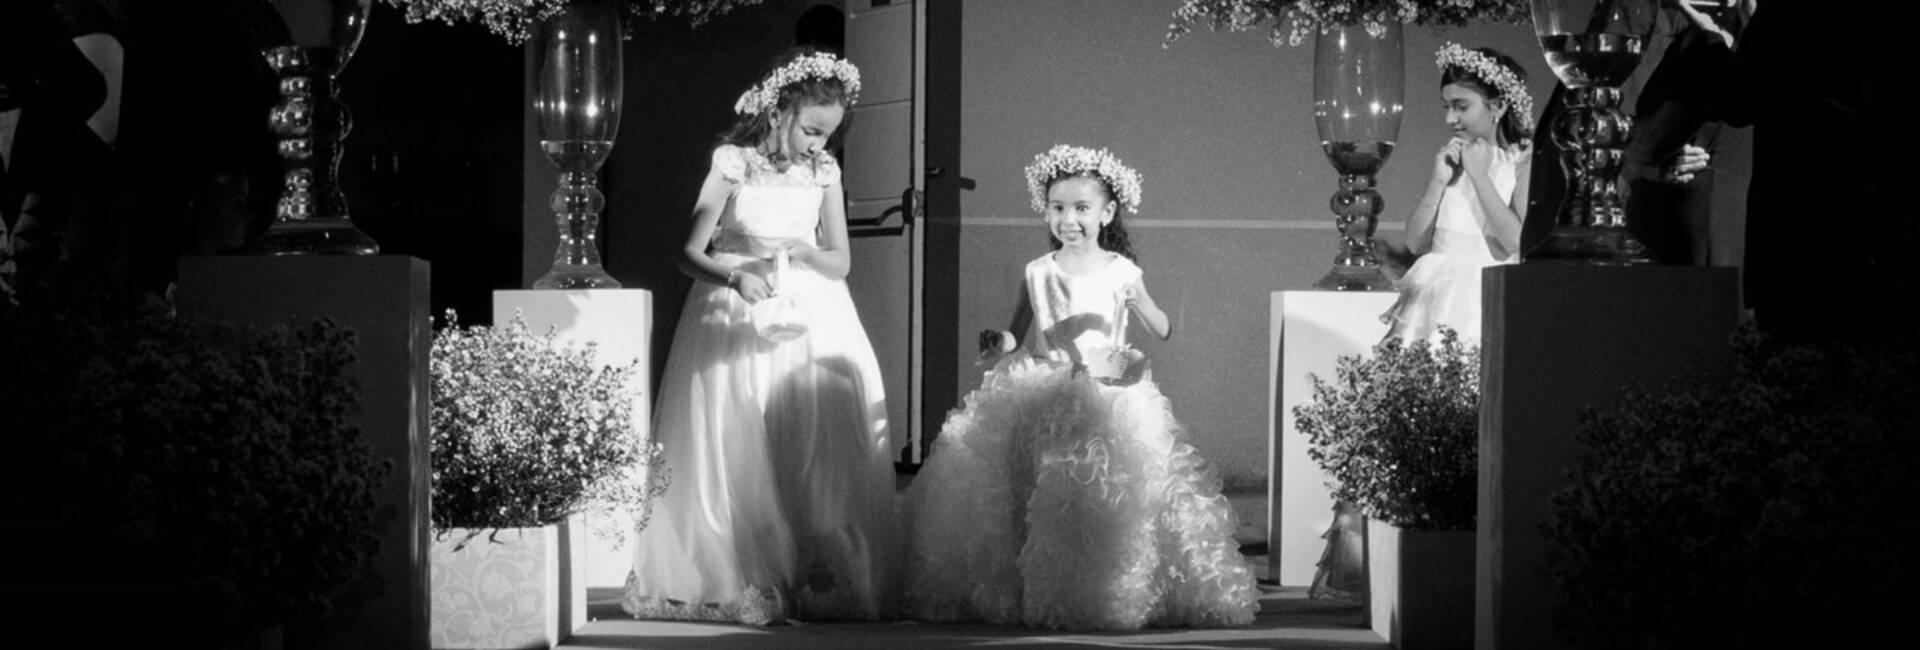 Casamentos de Silma & Marcos